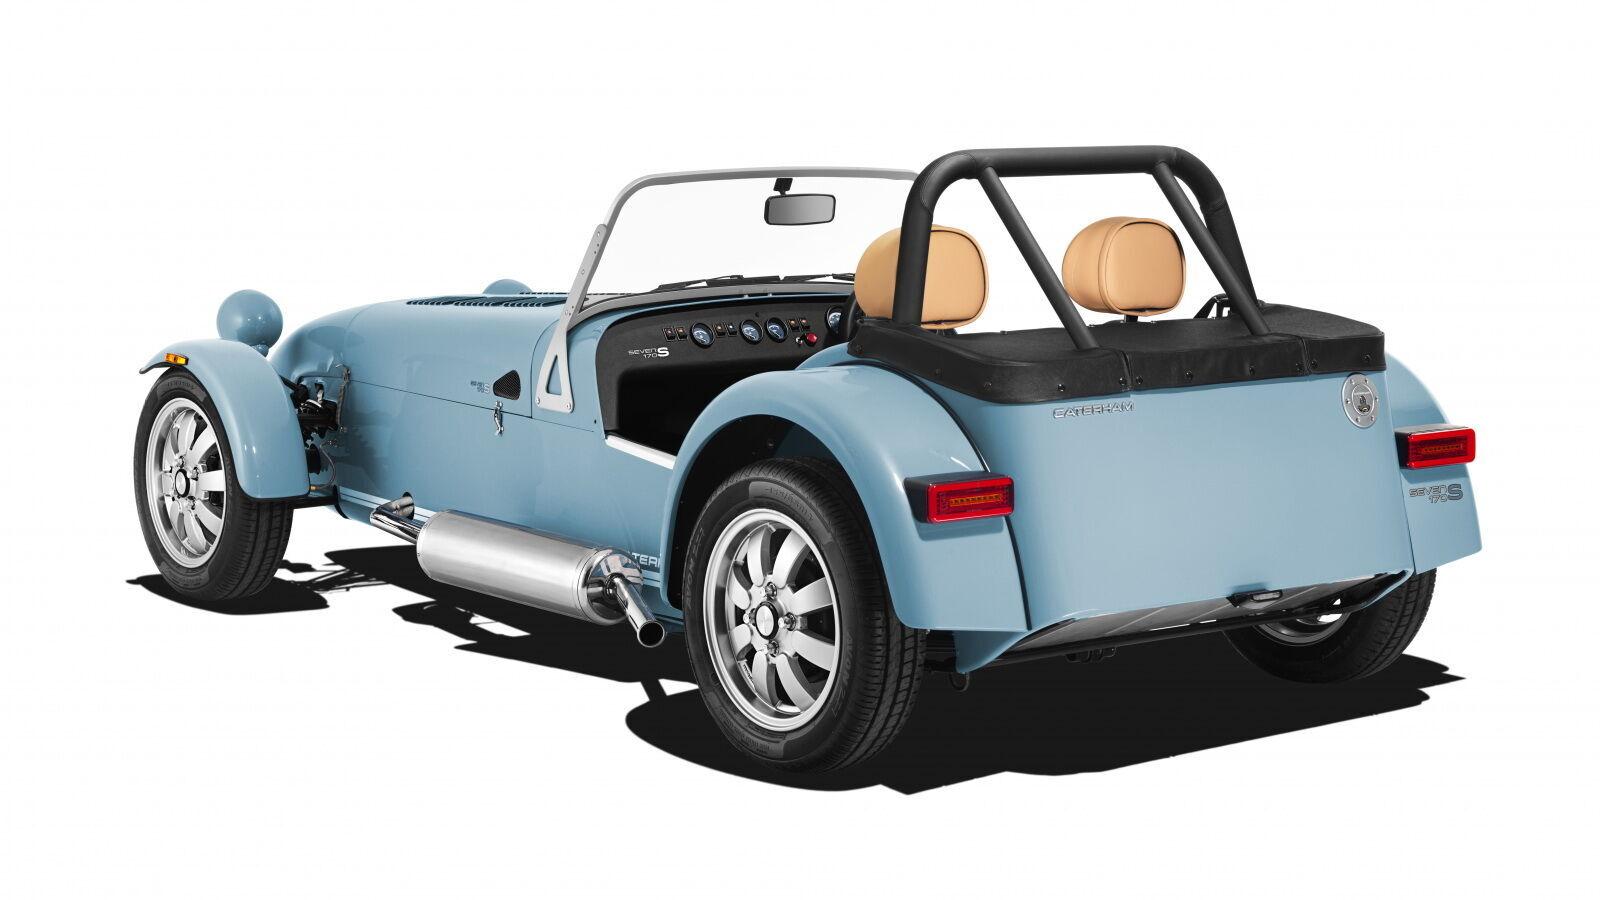 Ширина автомобиля – всего 1470 мм, что на 105 мм меньше любой другой модели компании